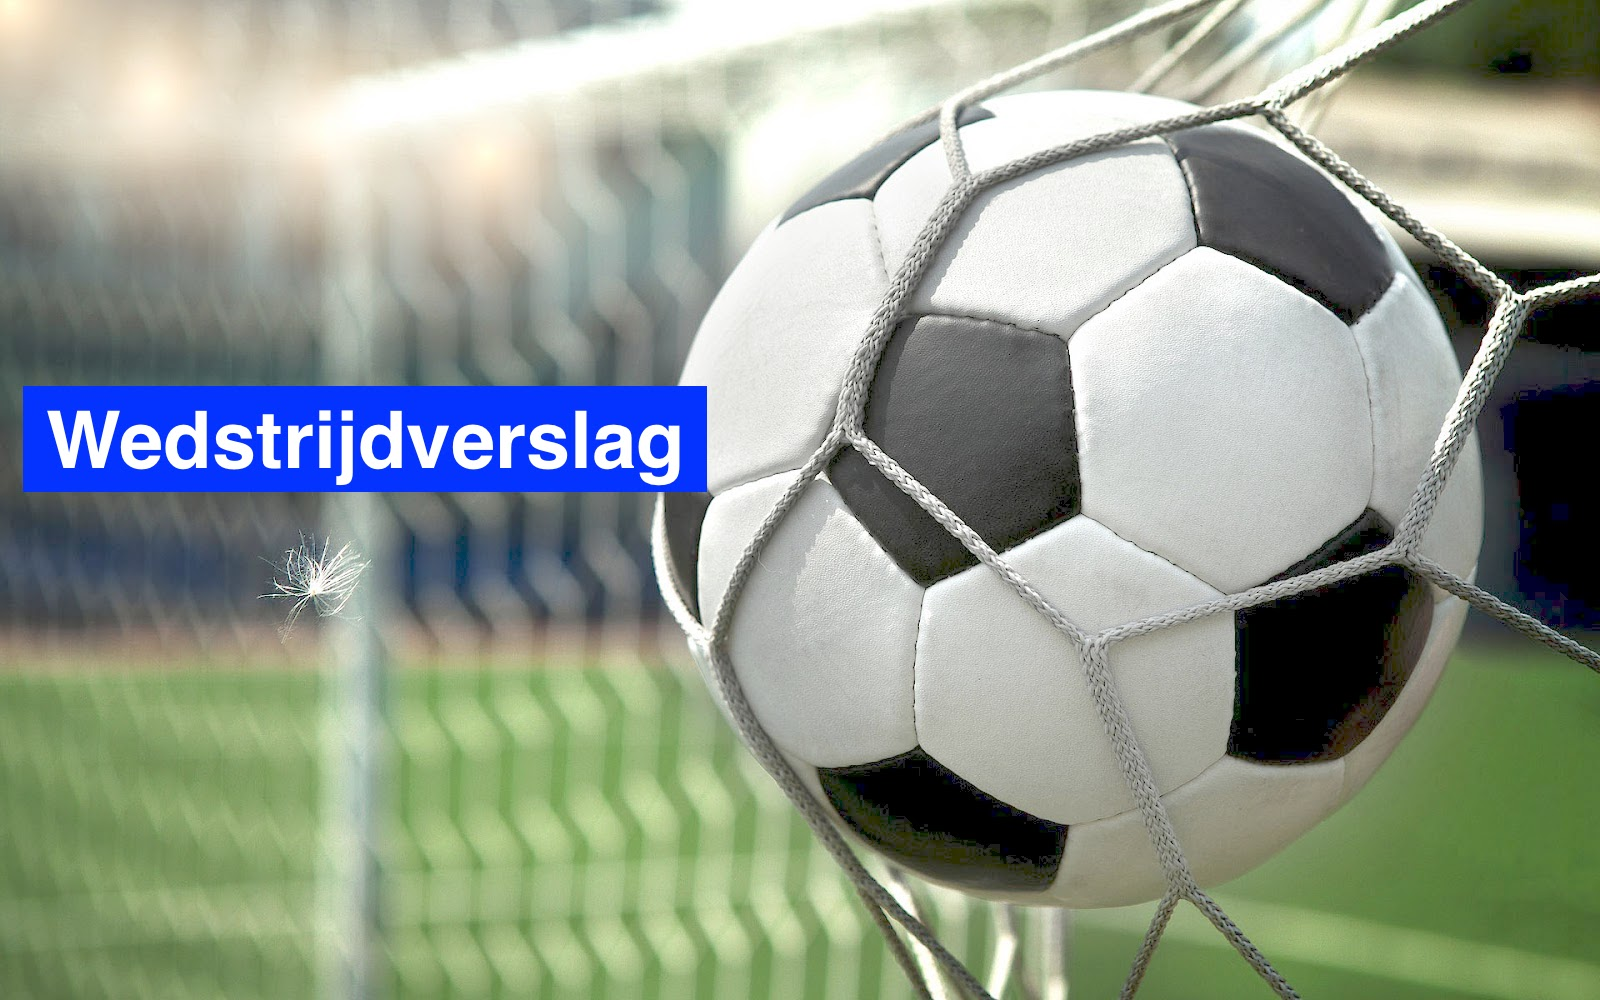 wedstrijdverslag-1